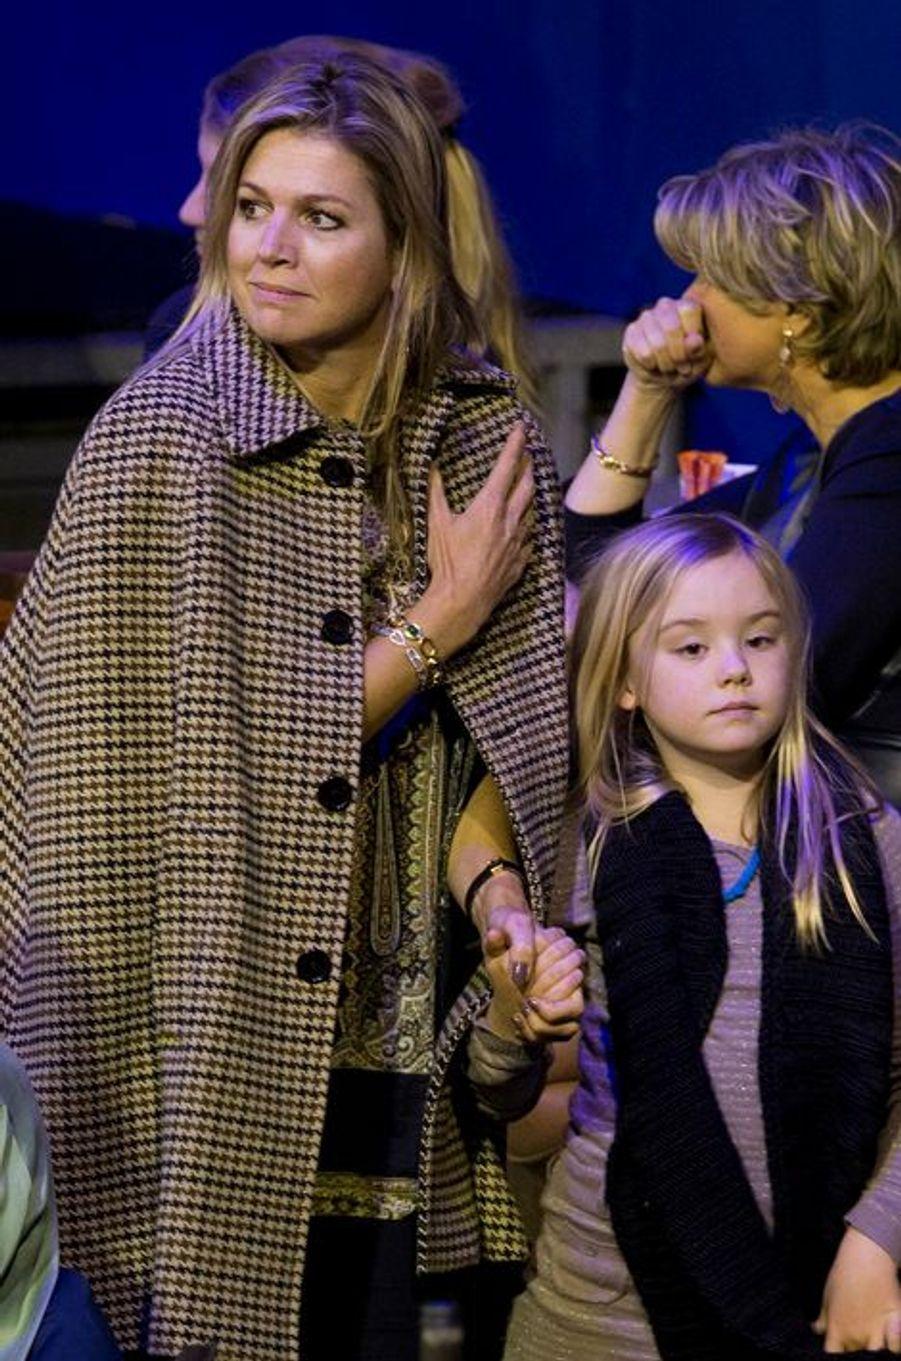 La reine Maxima et la princesses Ariane au Jumping Amsterdam, le 1er février 2015